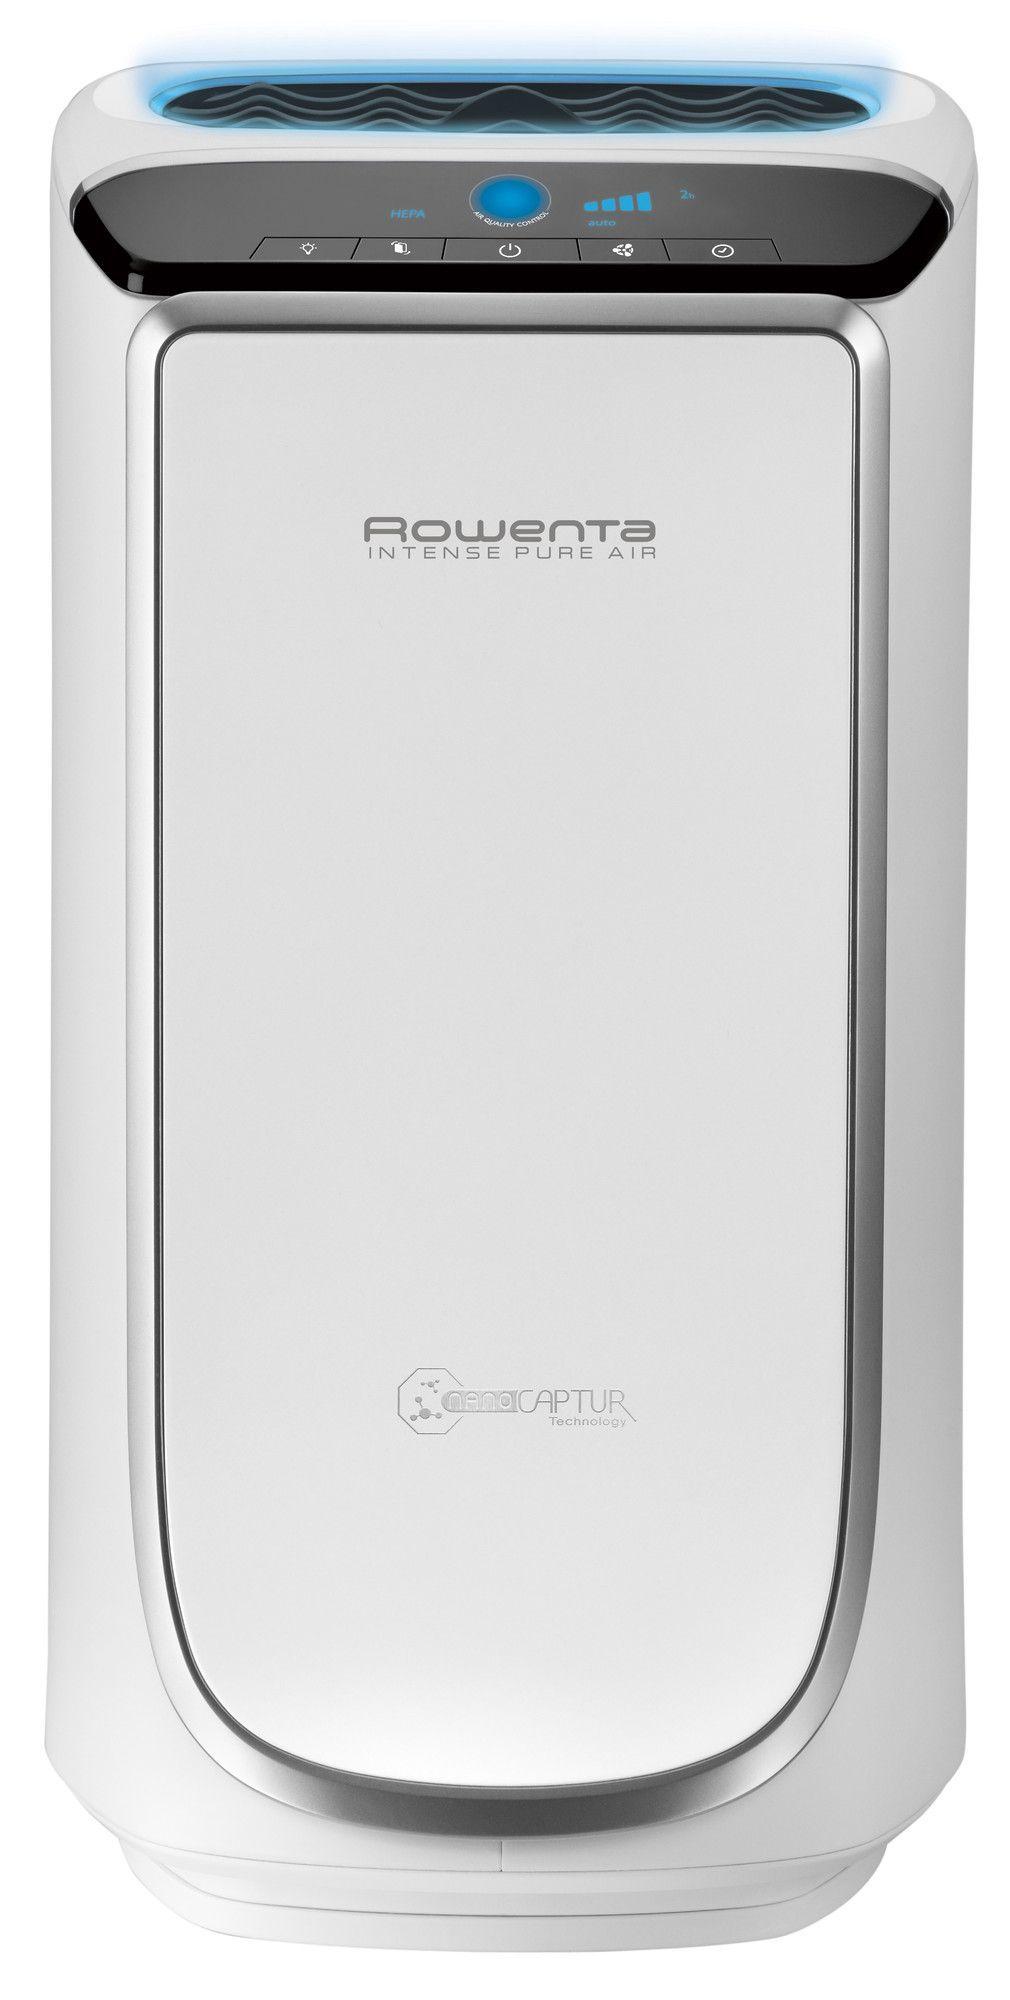 Intense Pure Air Mid Size Auto Air Purifier Air purifier